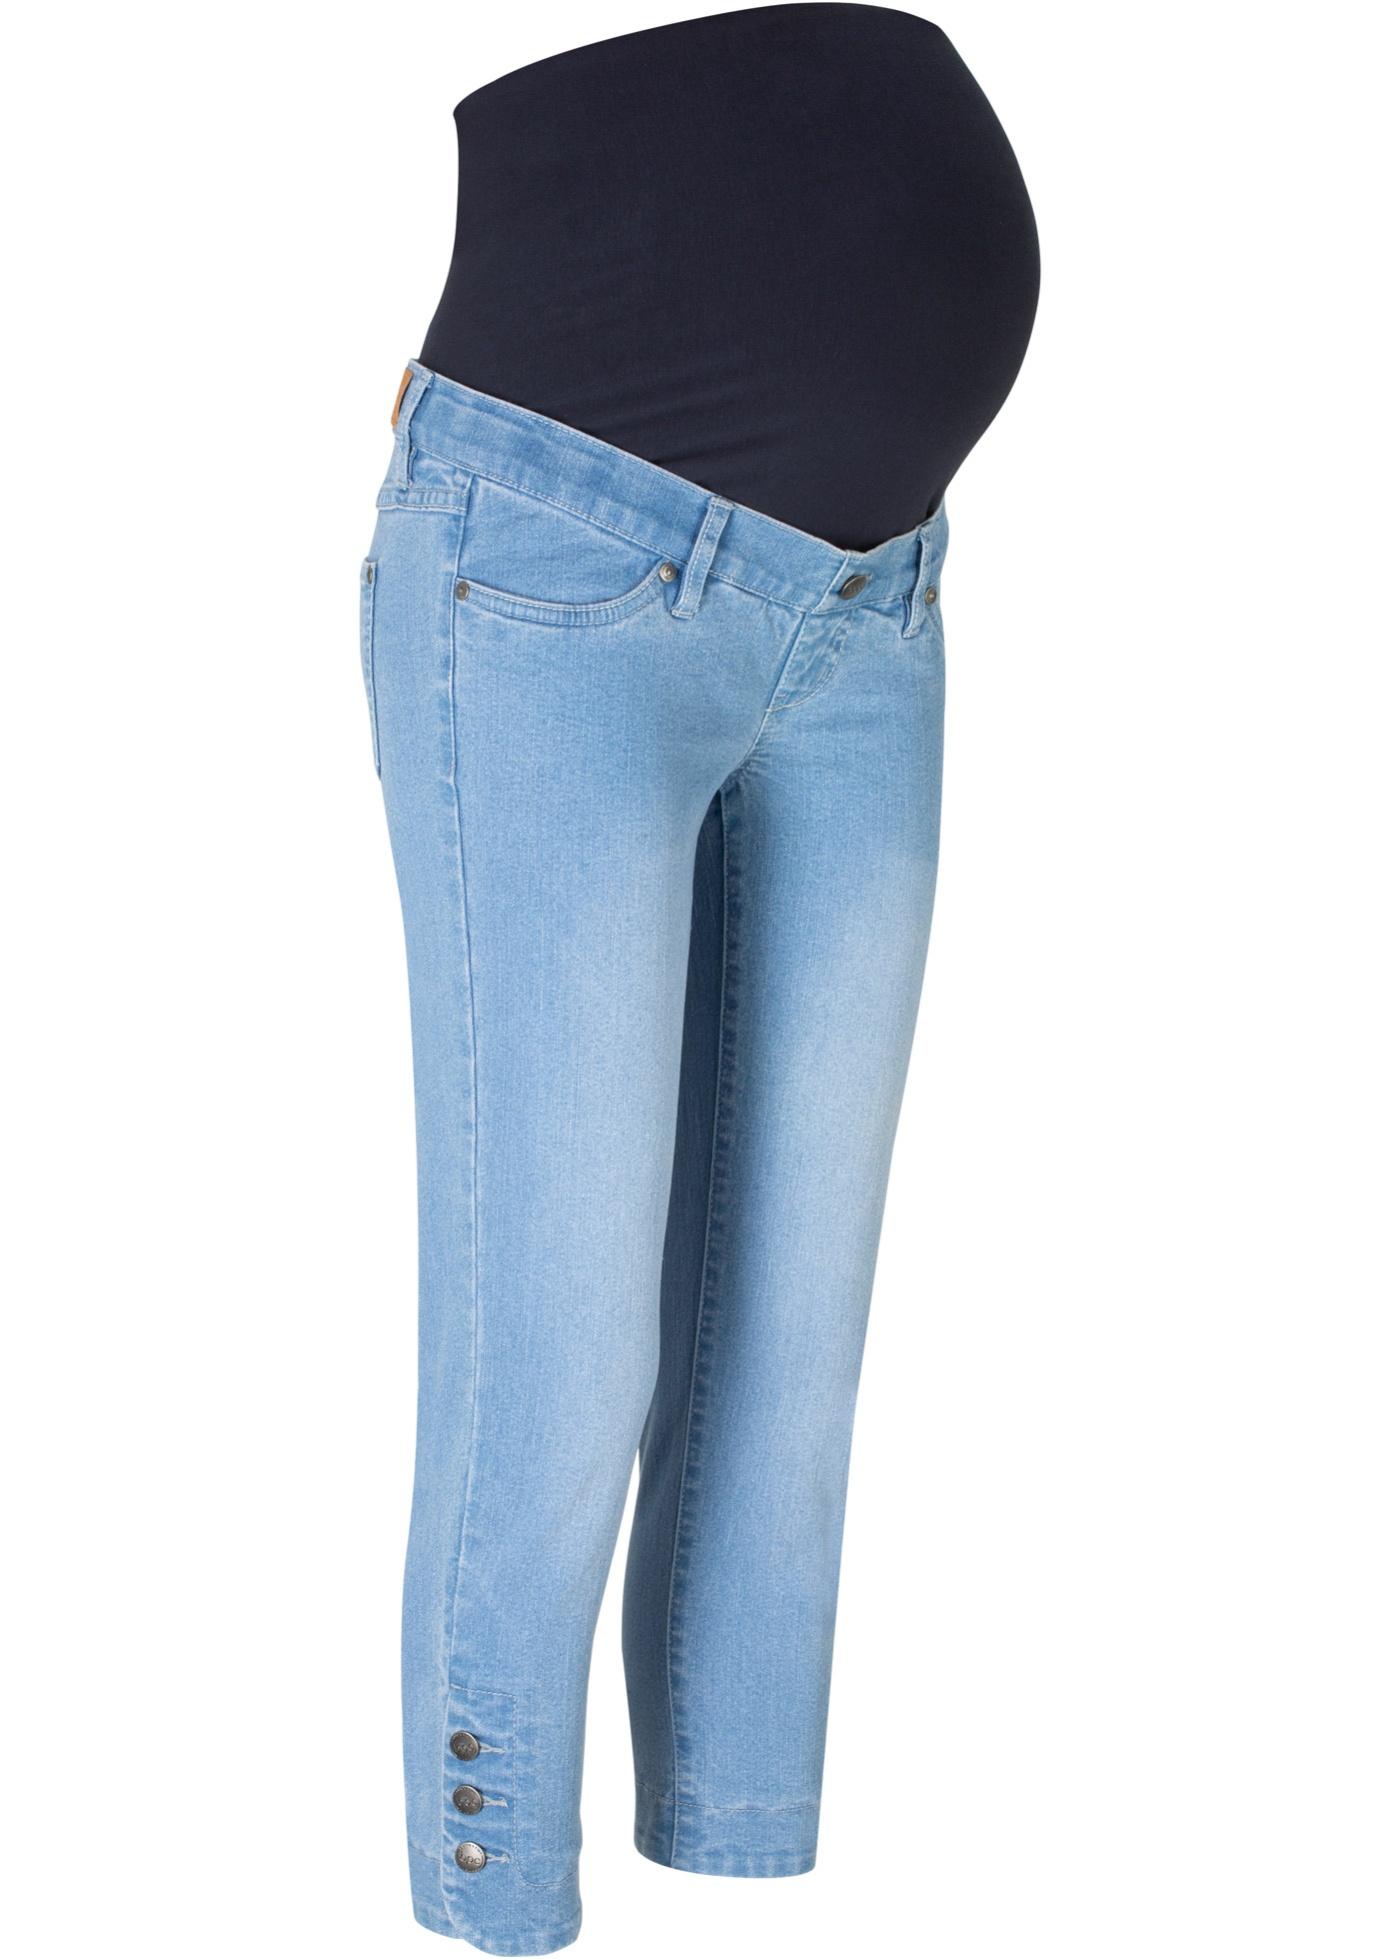 Bpc Bonprix Grossesse De Bleu Femme CollectionJean Pour erdBWQxCoE